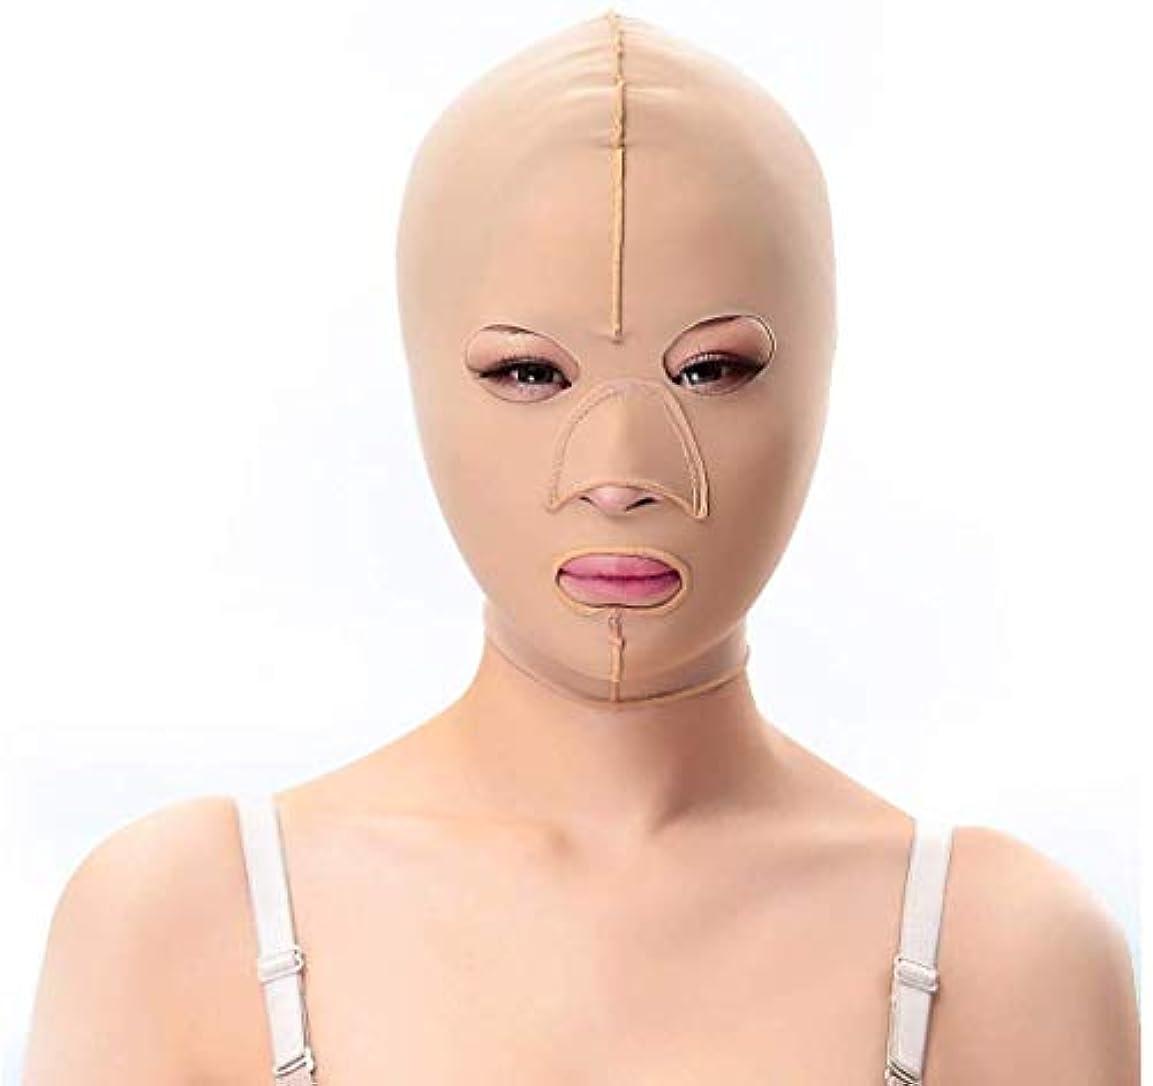 静かにポジションコークス美と実用的なSlim身ベルト、フェイシャルマスク薄い顔マスクを布パターンを持ち上げるダブルあご引き締め顔プラスチック顔アーティファクト強力な顔包帯(サイズ:XXL)